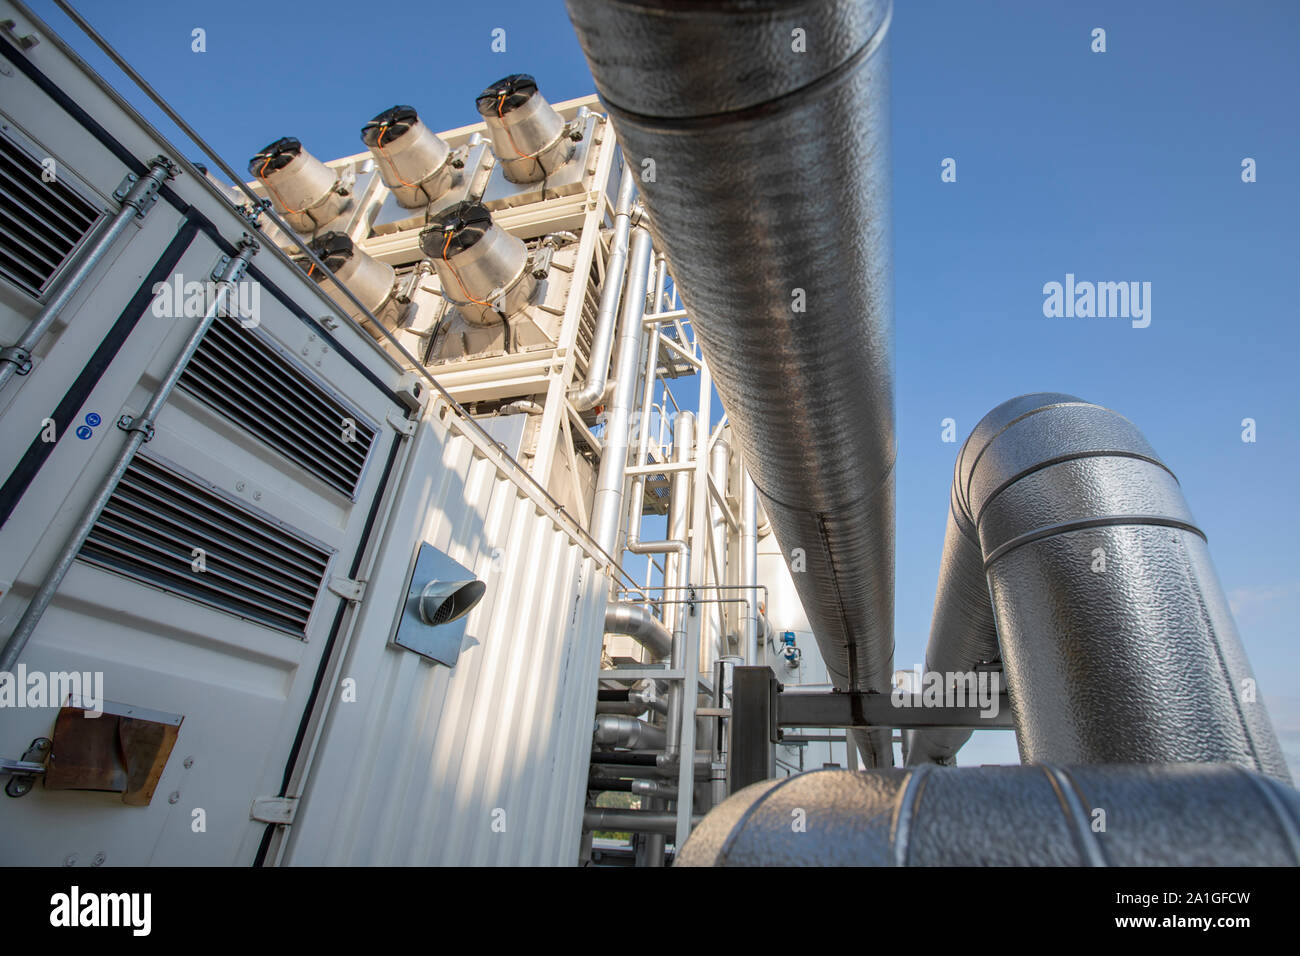 Die Schweizer Firma Climeworks laufen 30 DAC-Direct Air Capture-Ventilatoren auf dem Dach der Müll Verbrennungsanlage in Hinwil ausserhalb von Zürich. 2009 gegründet von Christoph Gebald und Jan Wurzbacher, hat das Unternehmen die modulare Carbon Capture Unit, von denen jeder in der Lage ist, saugen bis zu 135 Kilo CO2 aus der Luft täglich kommerzialisiert. Der Prozess wird Energie fordernd, und die Einheiten in Hilwil erhalten Sie die Leistung von der Verbrennungsanlage. Wiederum wird das CO2 in die benachbarten Gewächshäuser gepumpt, die Produktion von Tomaten und Gurken an accellerate. Stockfoto